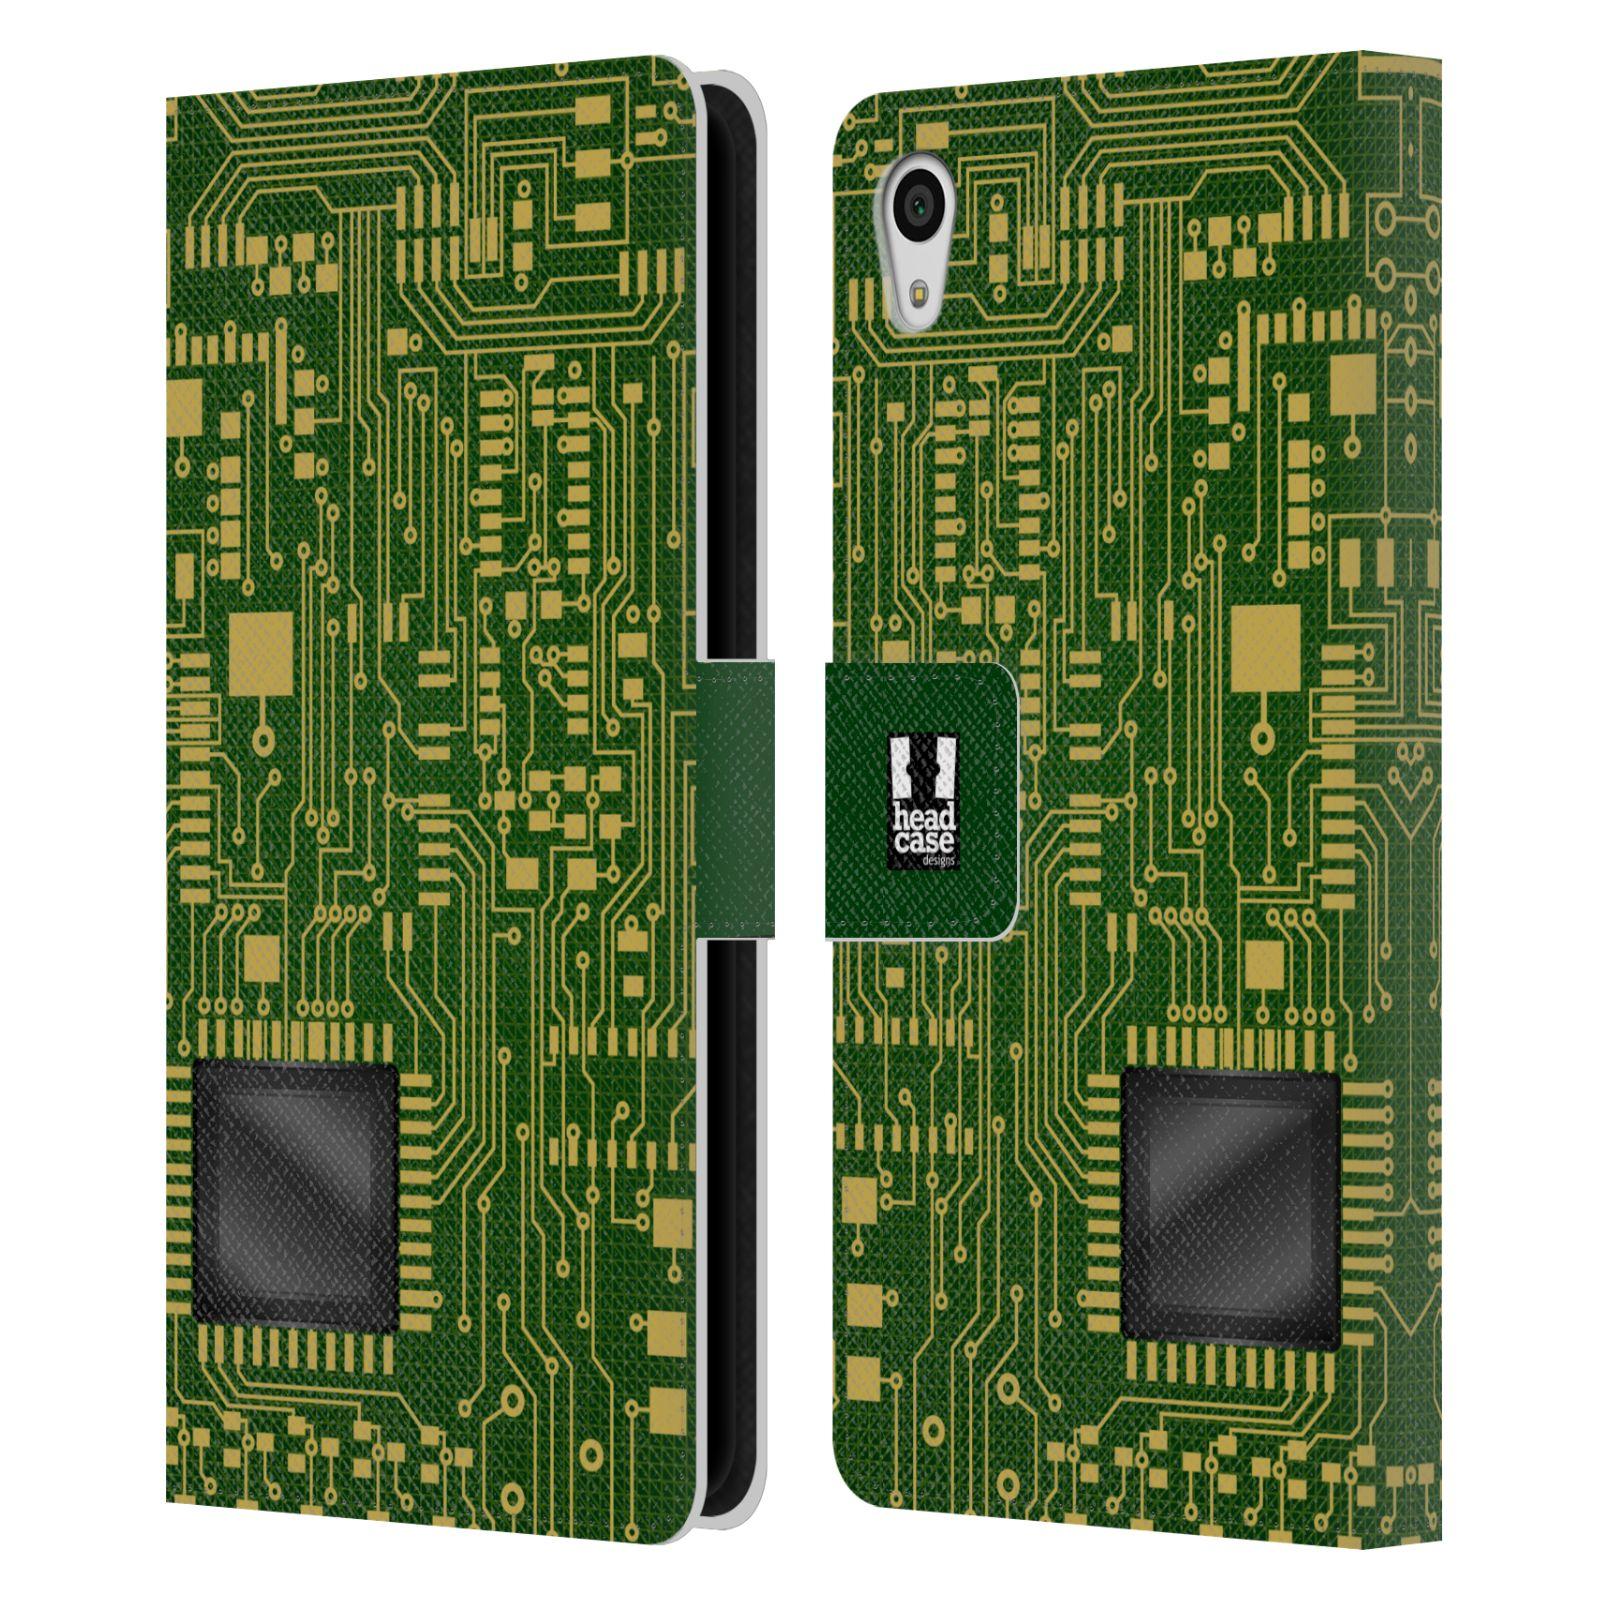 HEAD CASE Flipové pouzdro pro mobil SONY XPERIA Z5 počítač základní deska zelená barva velký čip